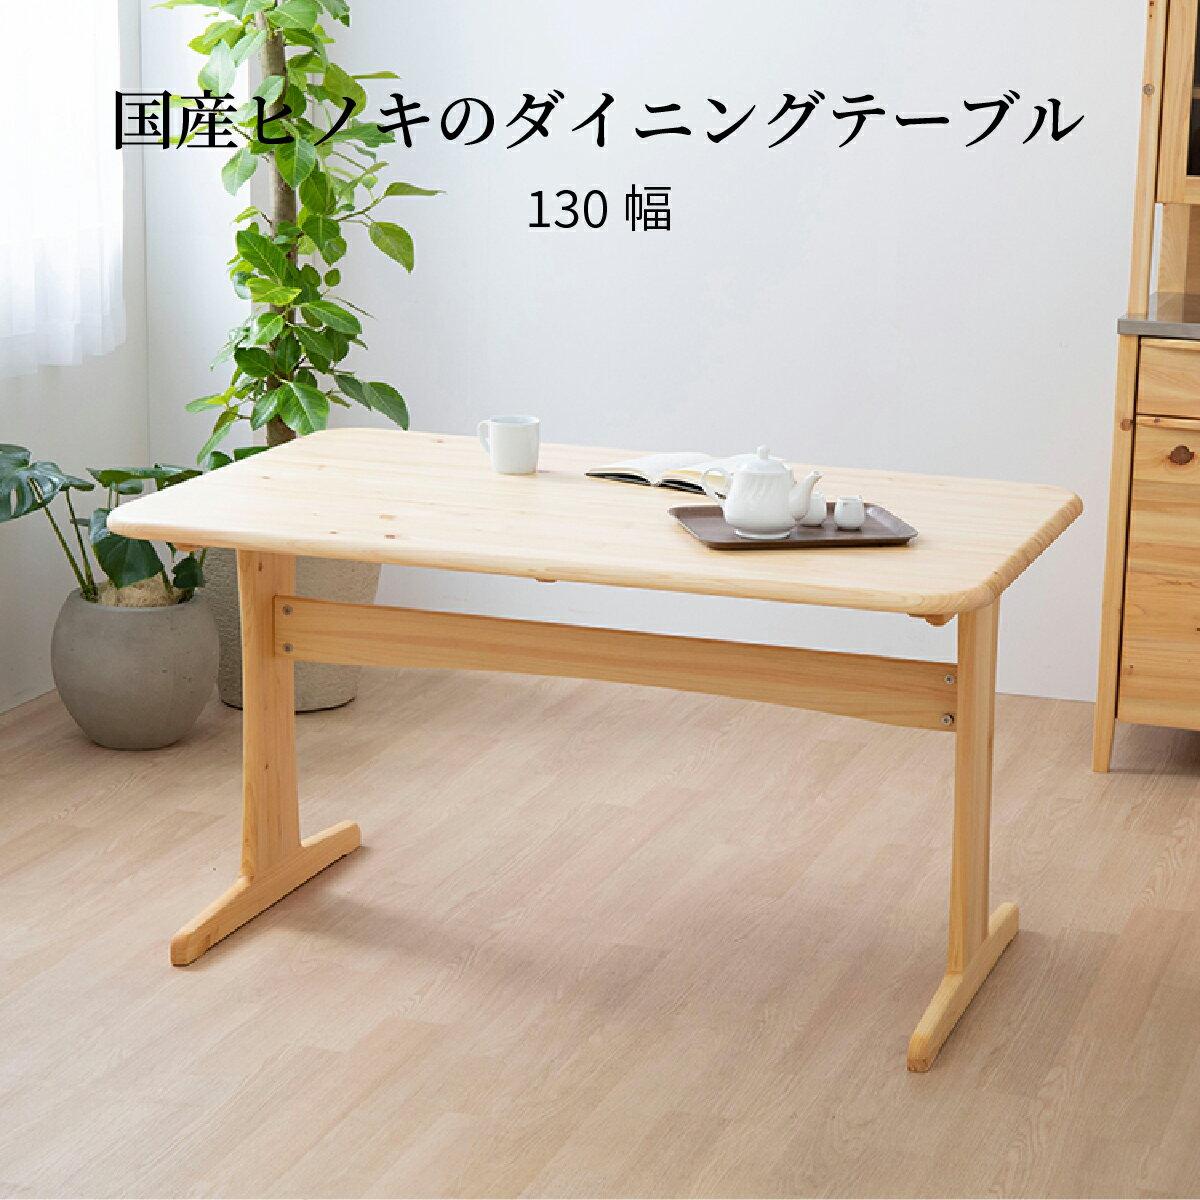 ダイニングテーブル 北欧 角丸形 テーブル 木製 ひのき 材 コンパクト かわいい リビングテーブル 食卓 おしゃれ テーブル 木製 長方形 檜 桧 四人用 4人用 幅 130 cm 無垢材 食卓テーブル テーブル単品 ダイニング用